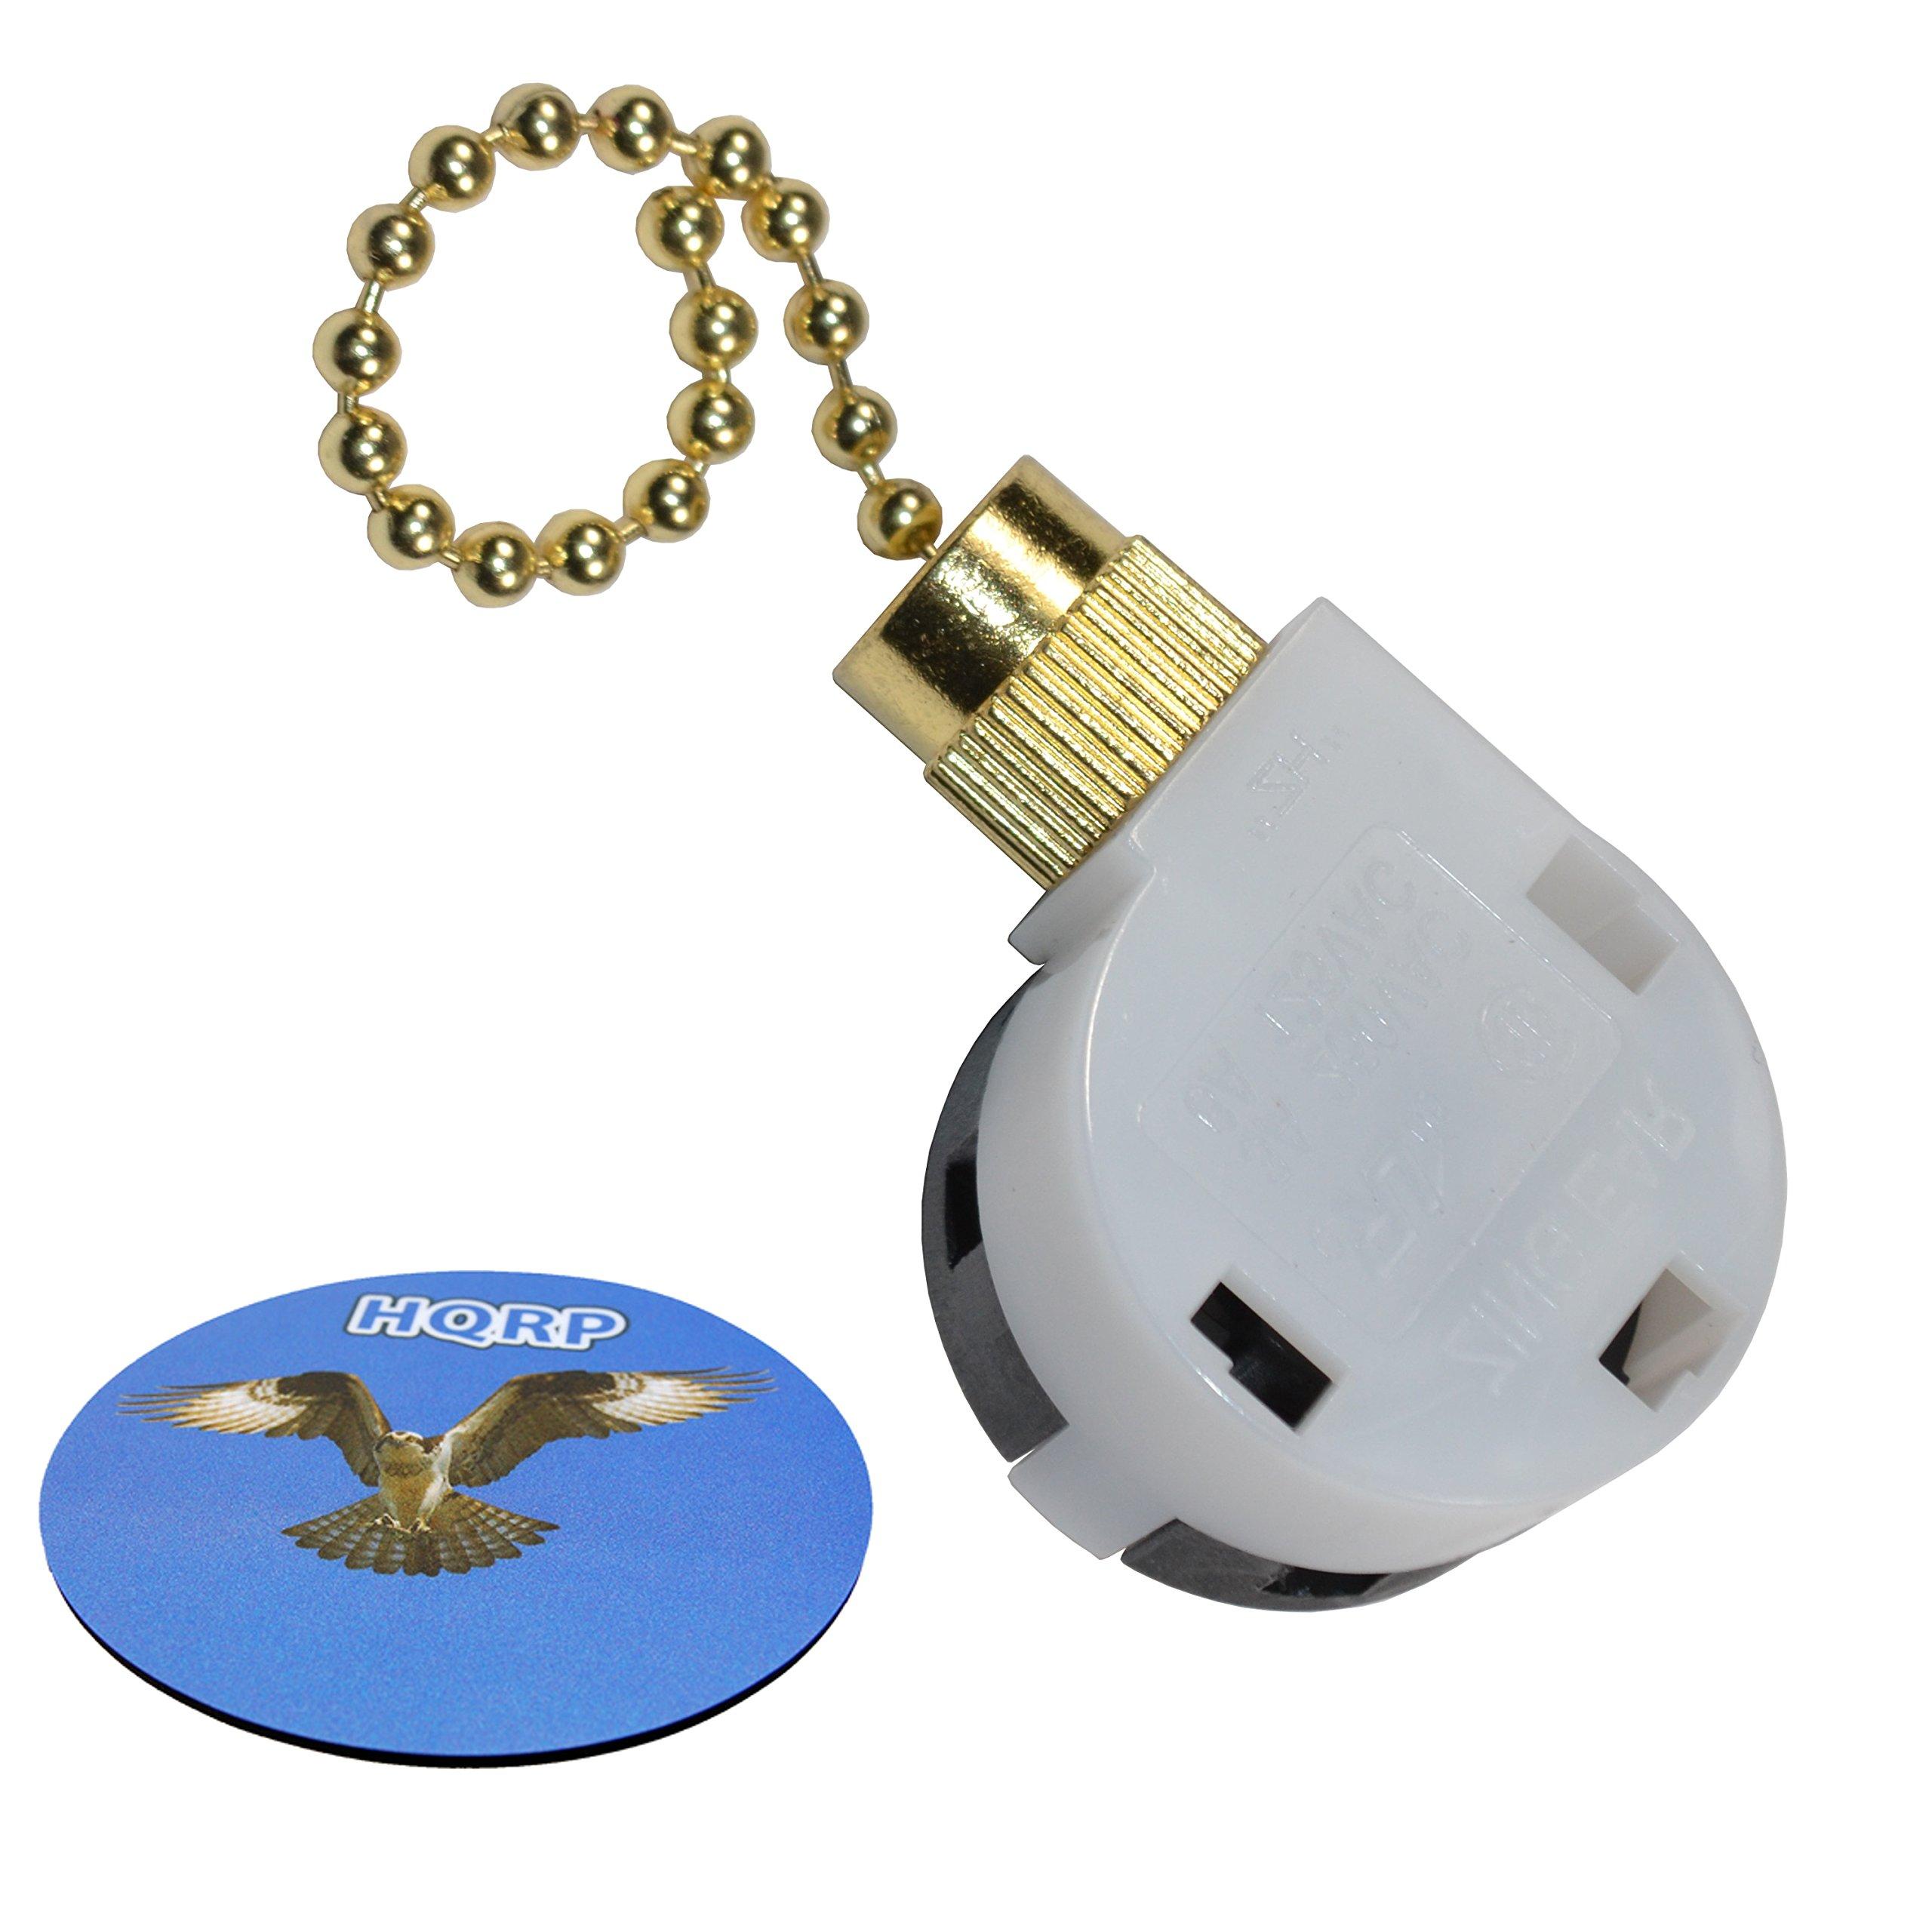 Cheap 4 Wire Ceiling Fan Switch  Find 4 Wire Ceiling Fan